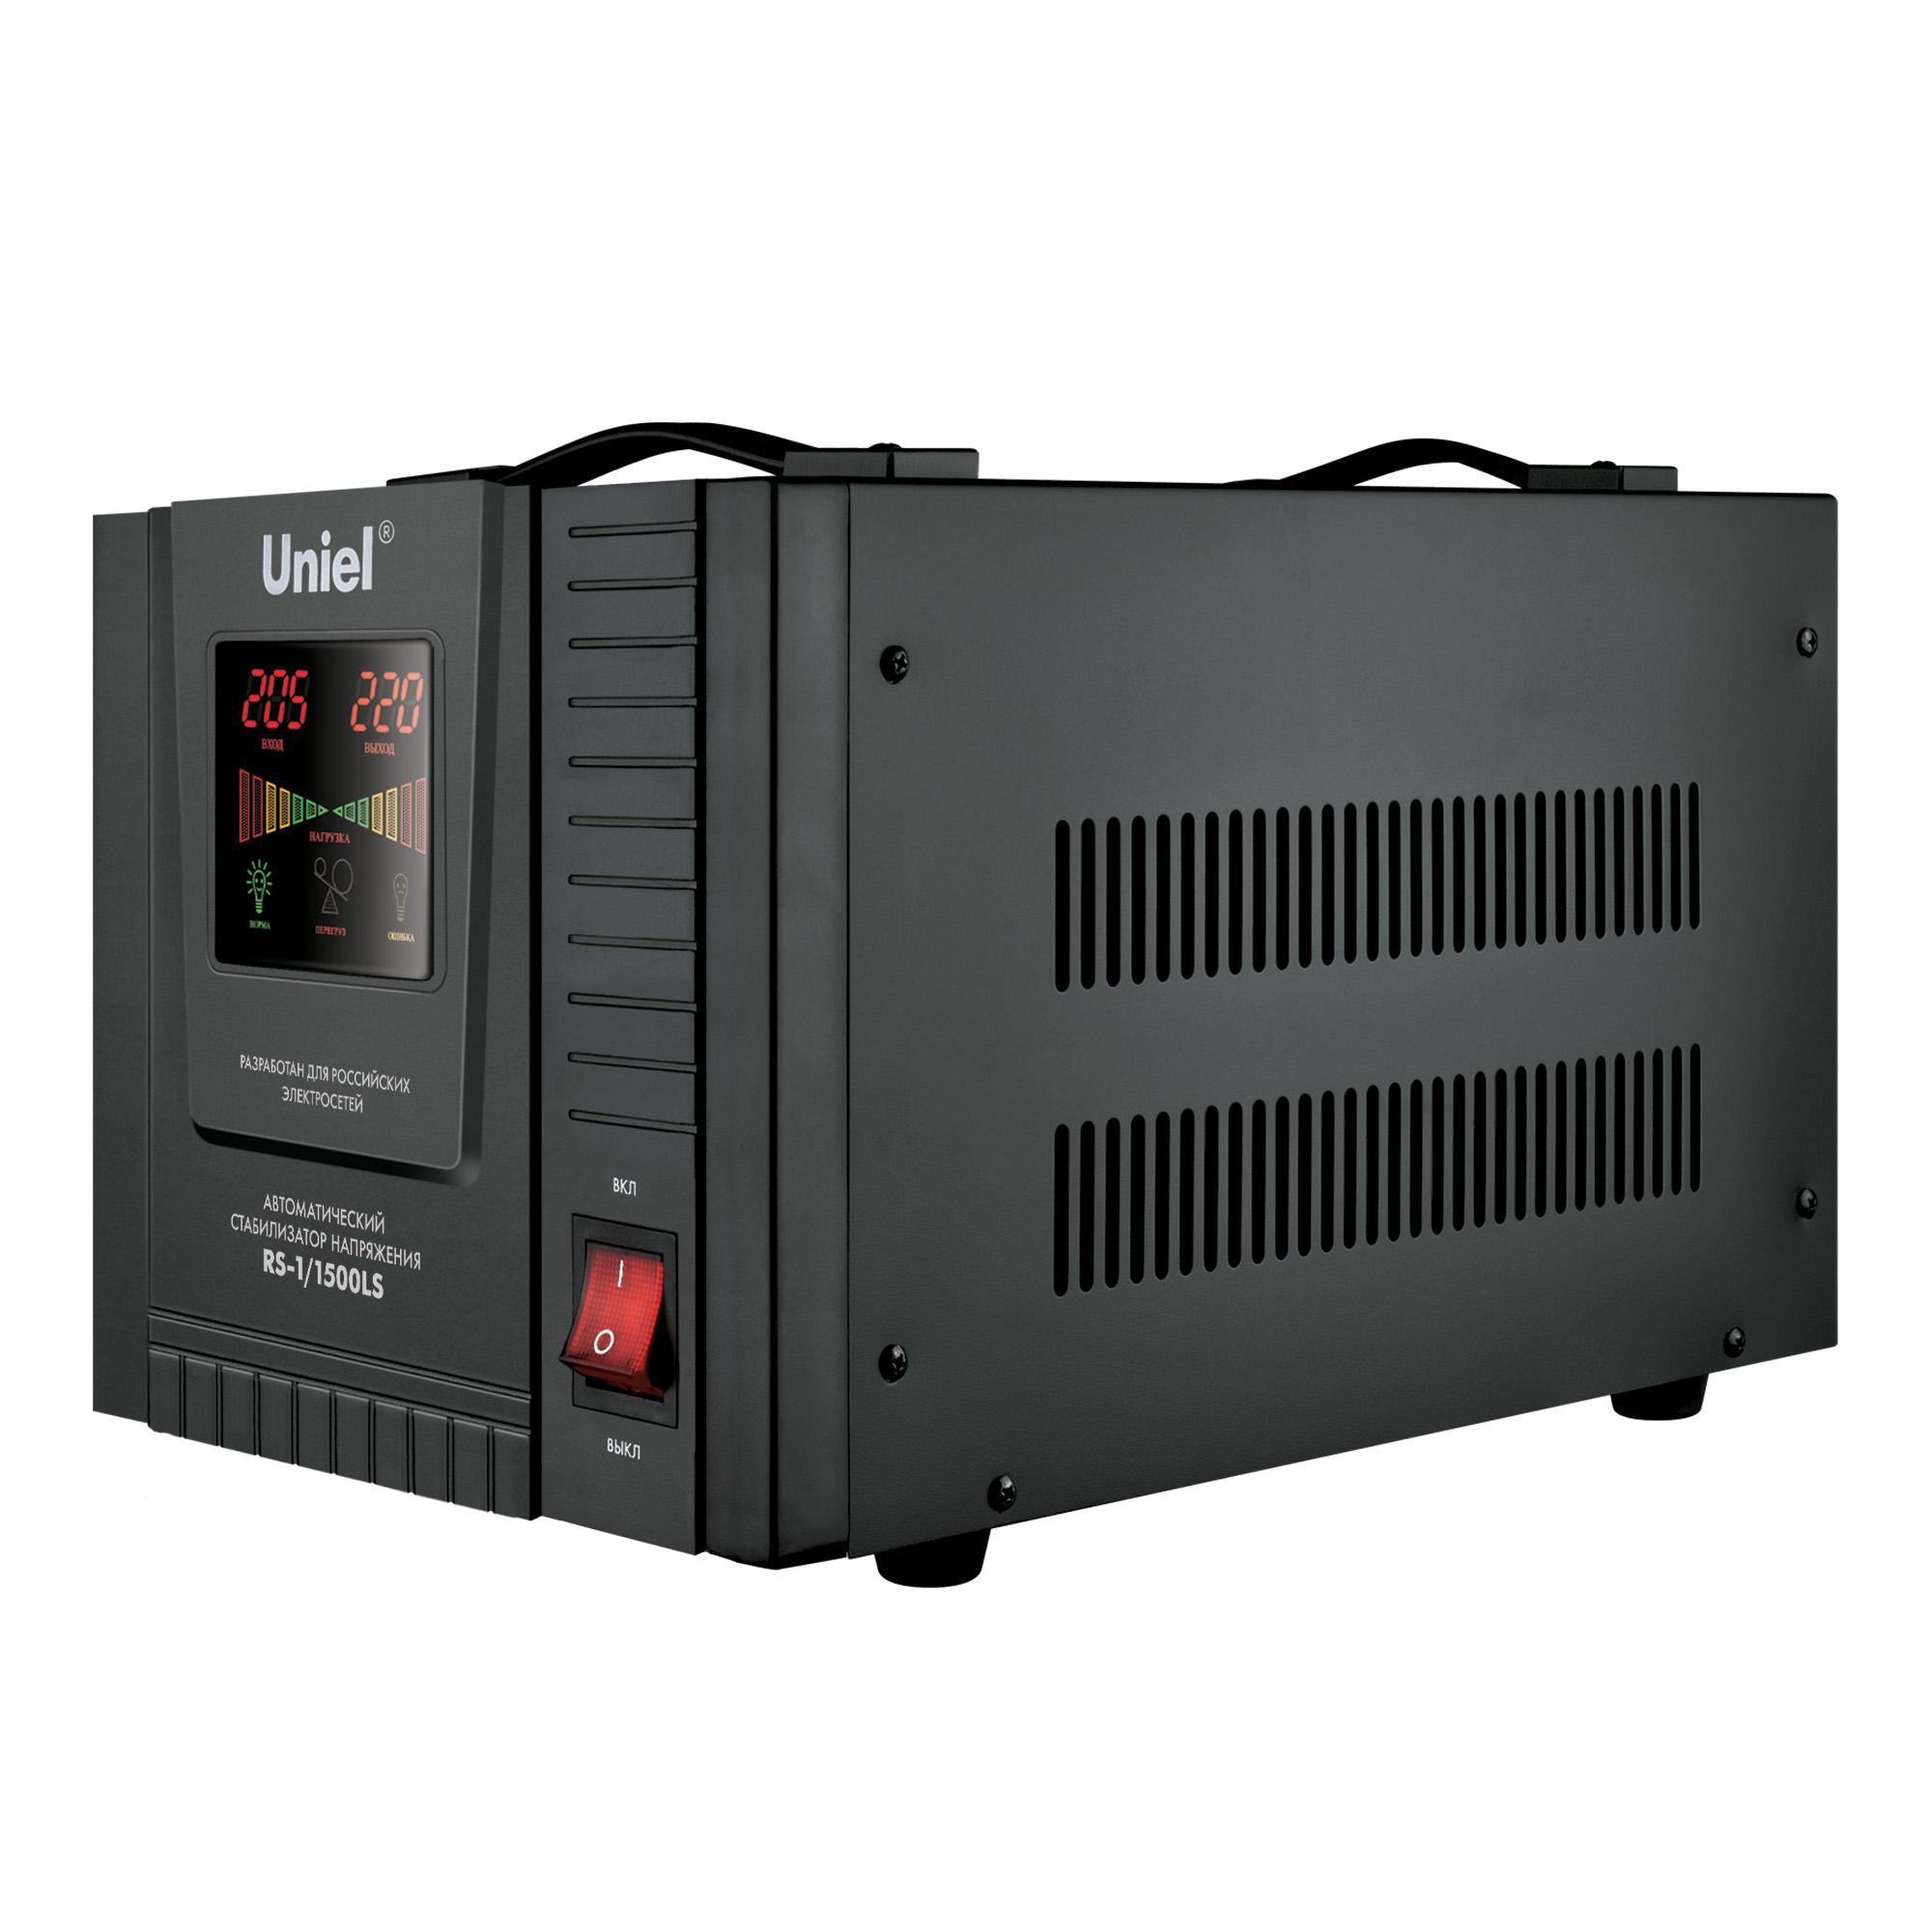 Стабилизатор напряжения UnielСтабилизаторы и ИБП<br>Мощность: 1500,<br>Тип: однофазный стабилизатор,<br>Тип стабилизатора: электронный (релейный),<br>Тип установки: настенный,<br>Мин. входное напряжение: 70,<br>Макс. входное напряжение: 275,<br>Выходное напряжение: 220,<br>Дисплей: нет<br>